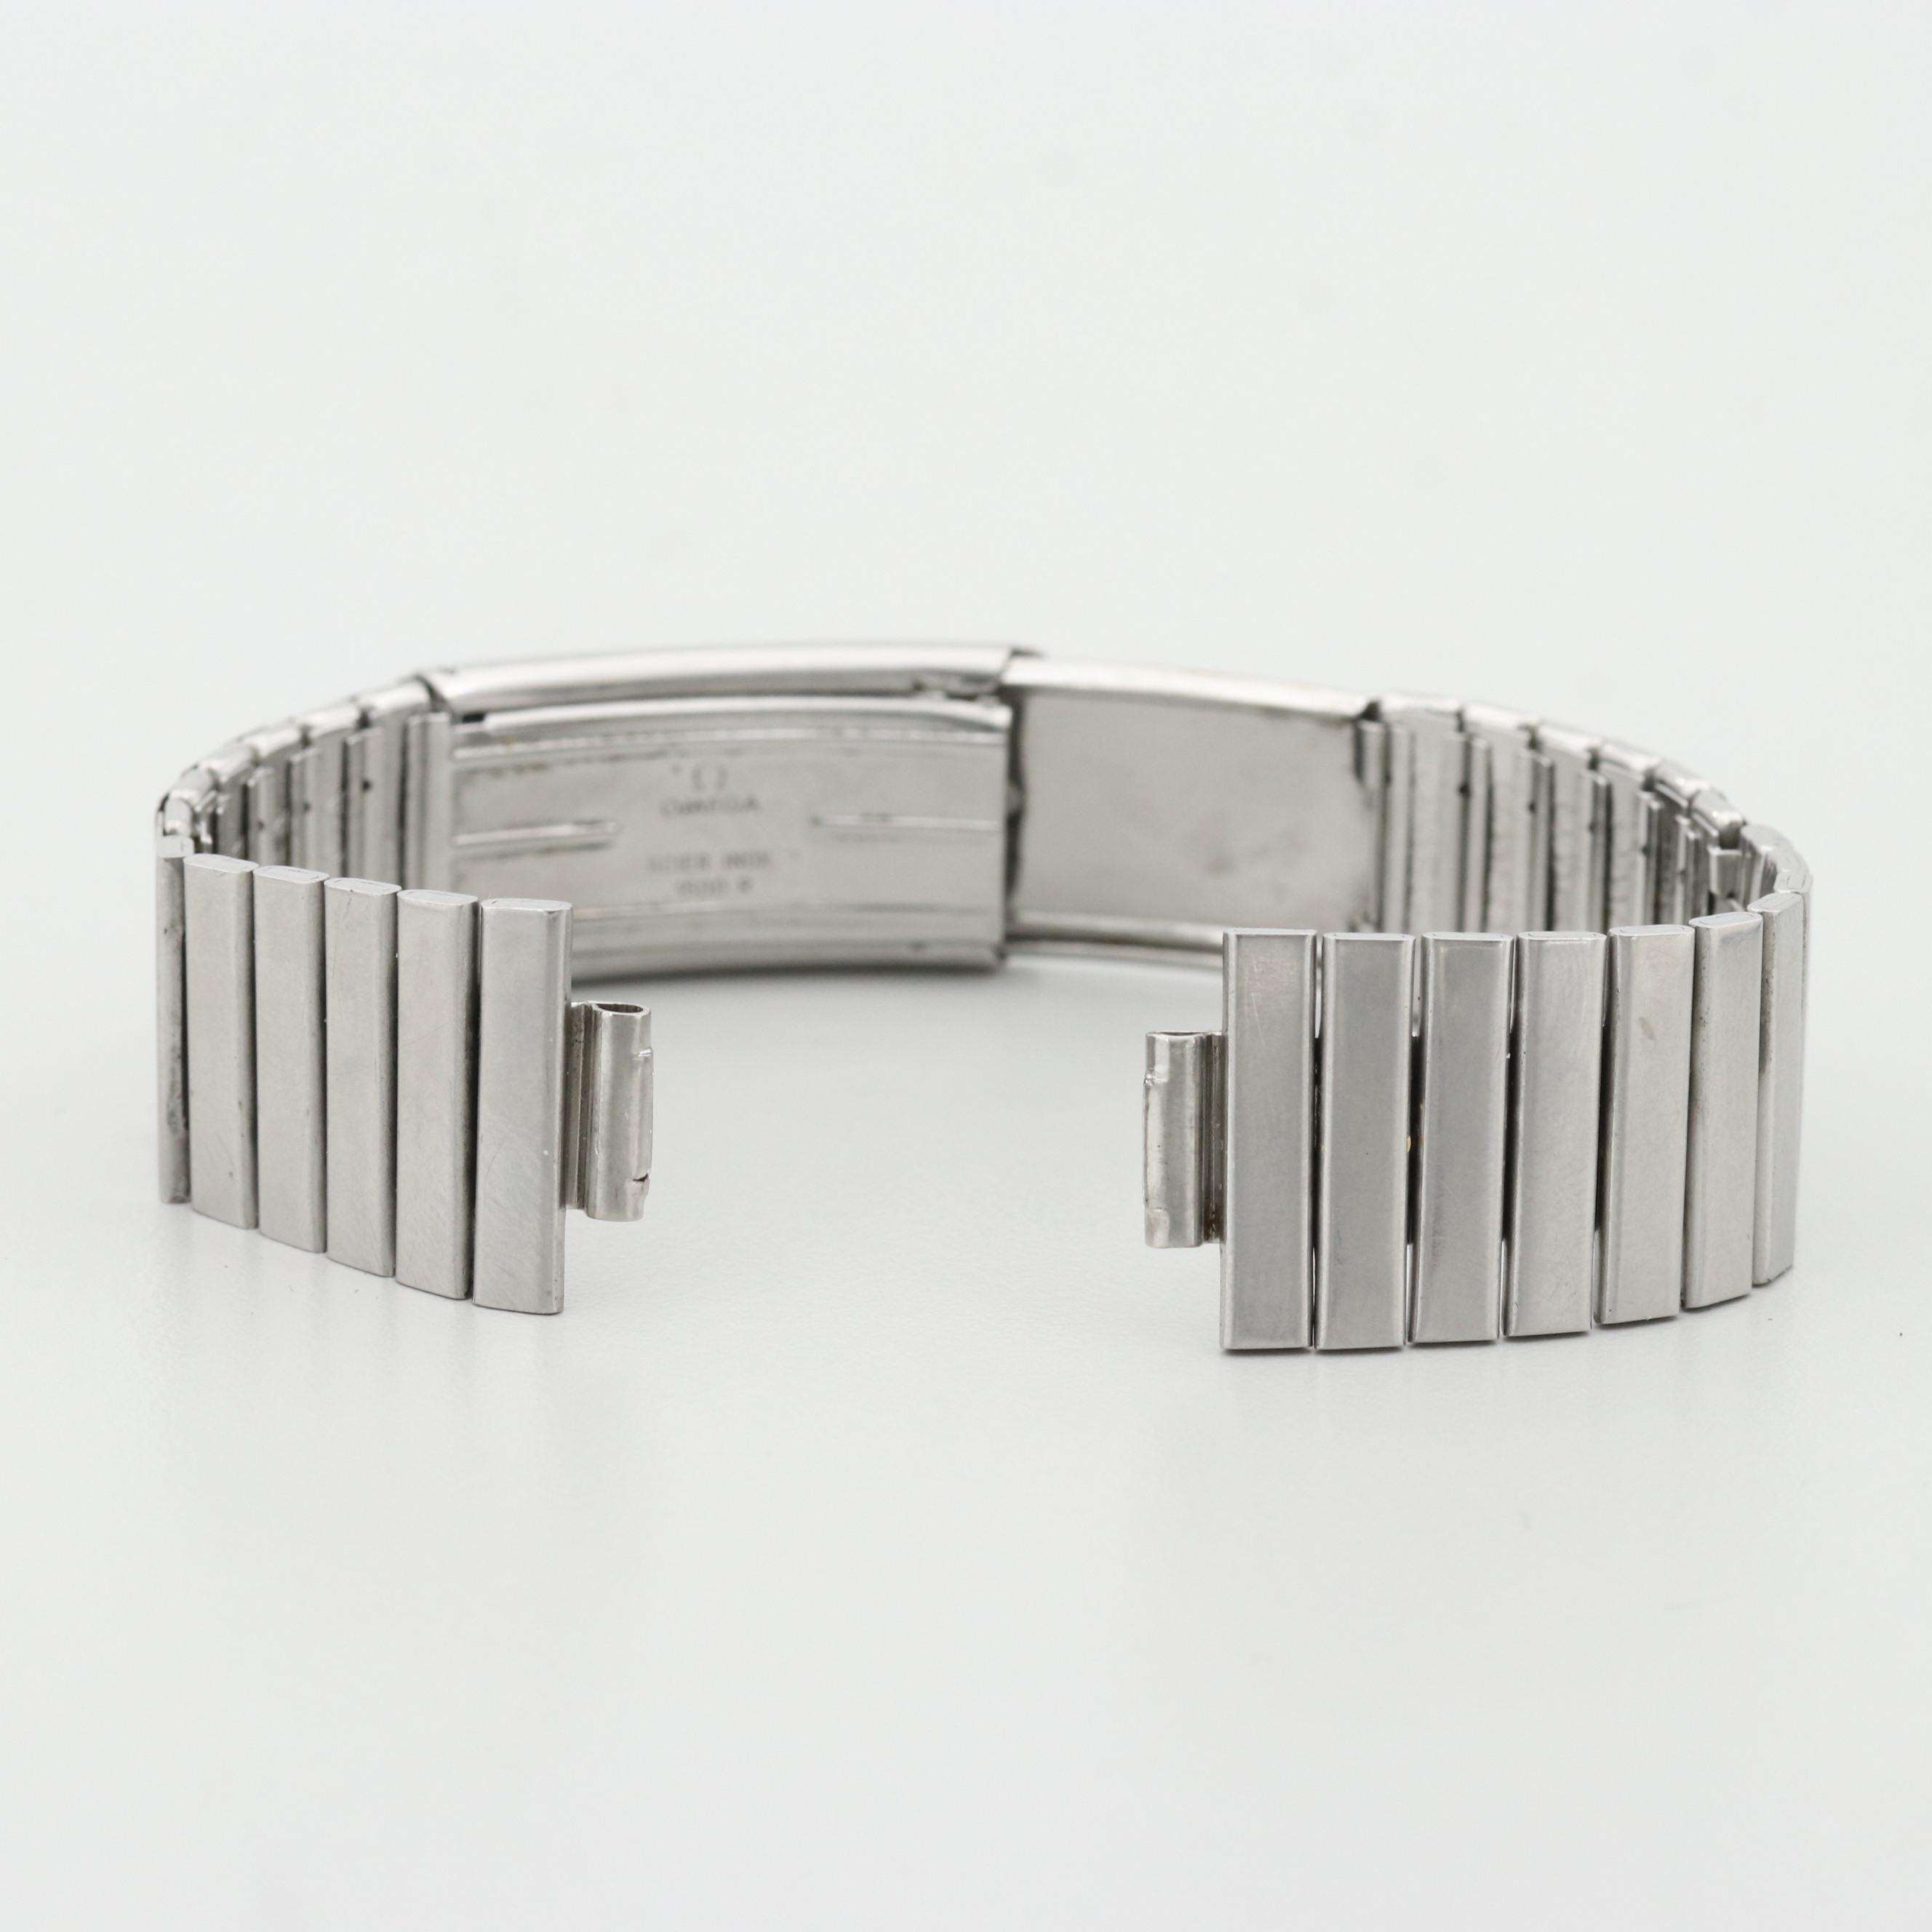 Vintage Omega 1500R/465 18MM Stretch Link Watch Bracelet